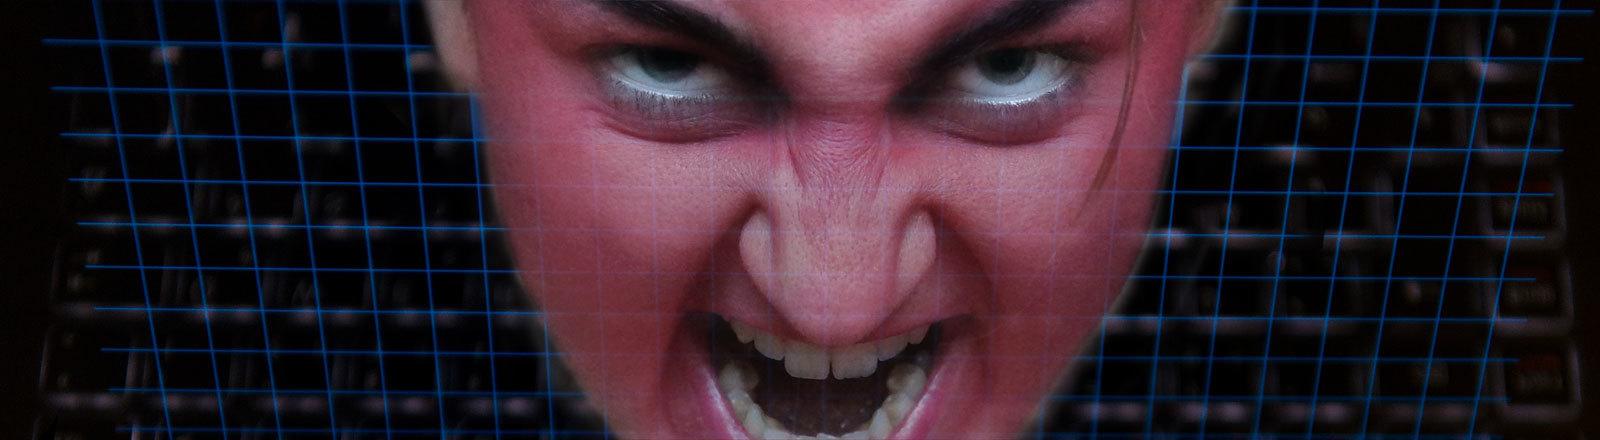 Hasserfülltes Gesicht